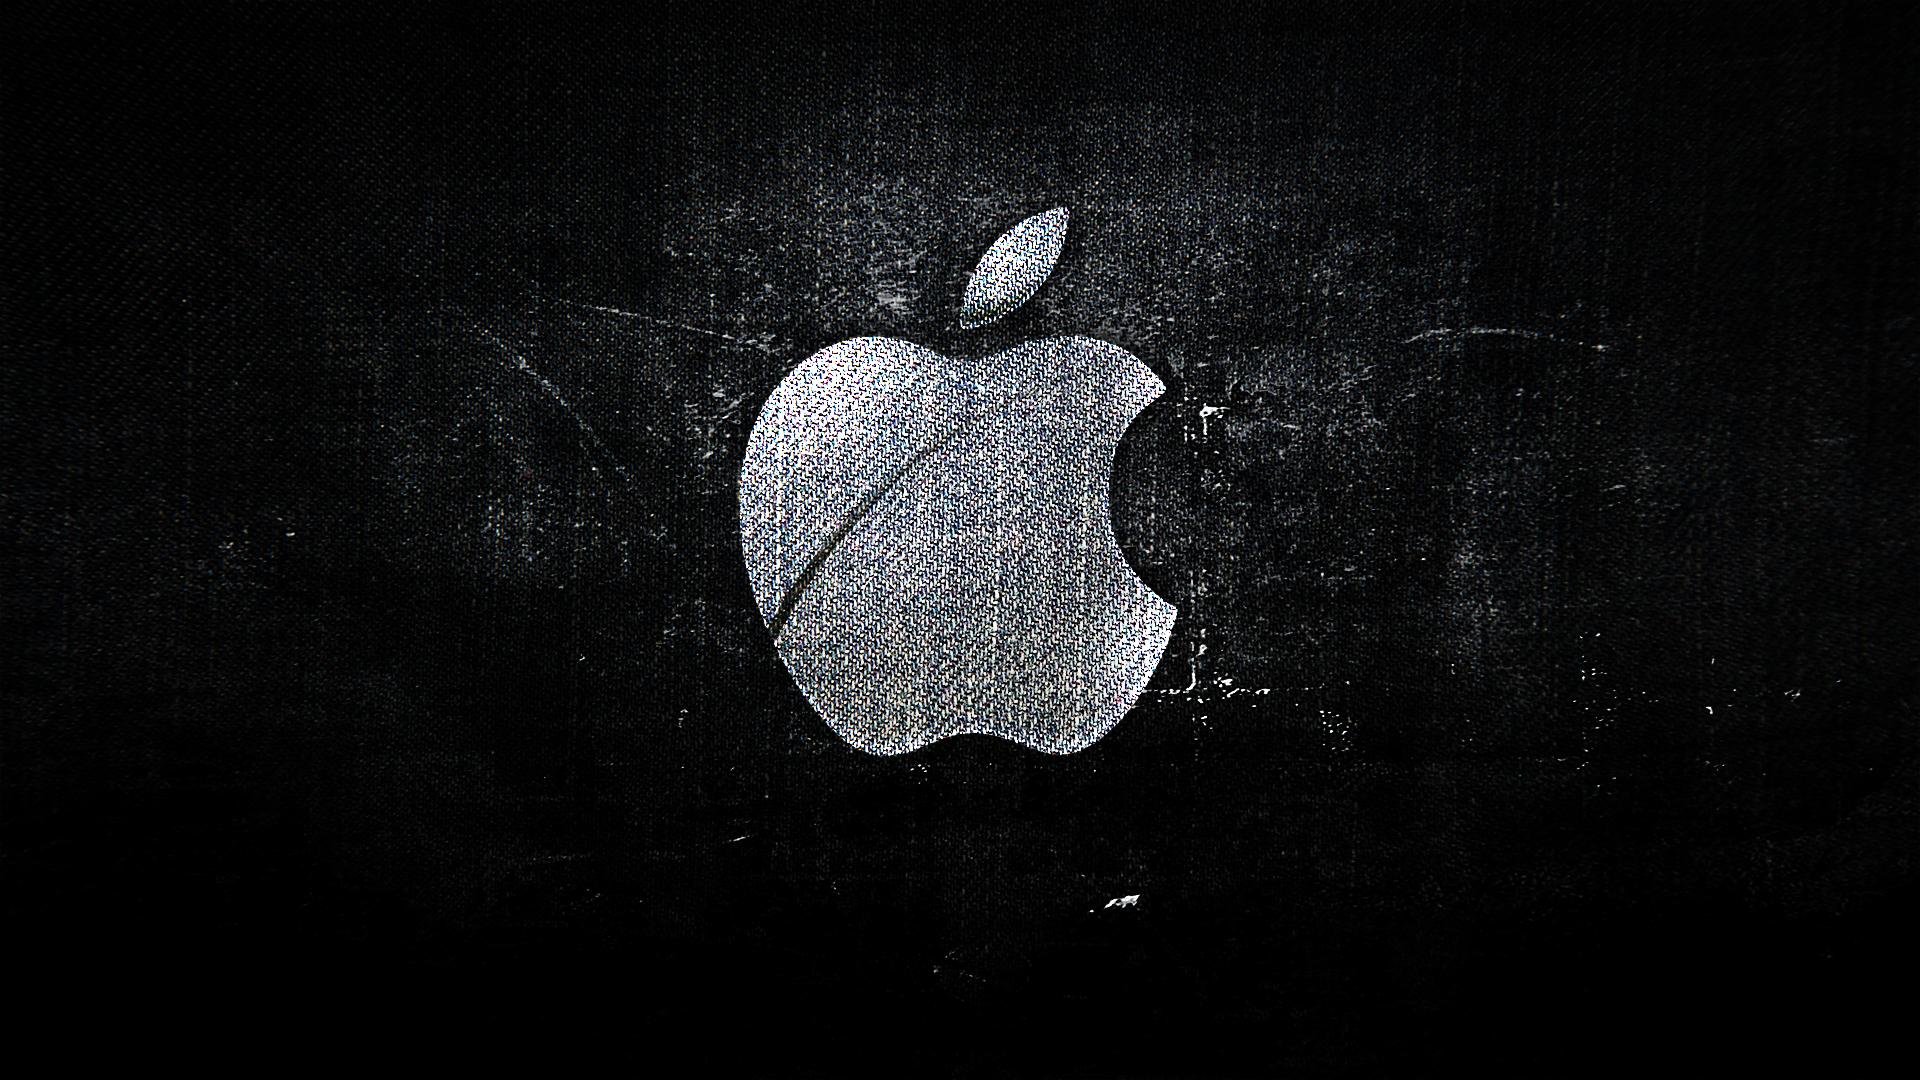 Apple (Wallpaper) by Hardii